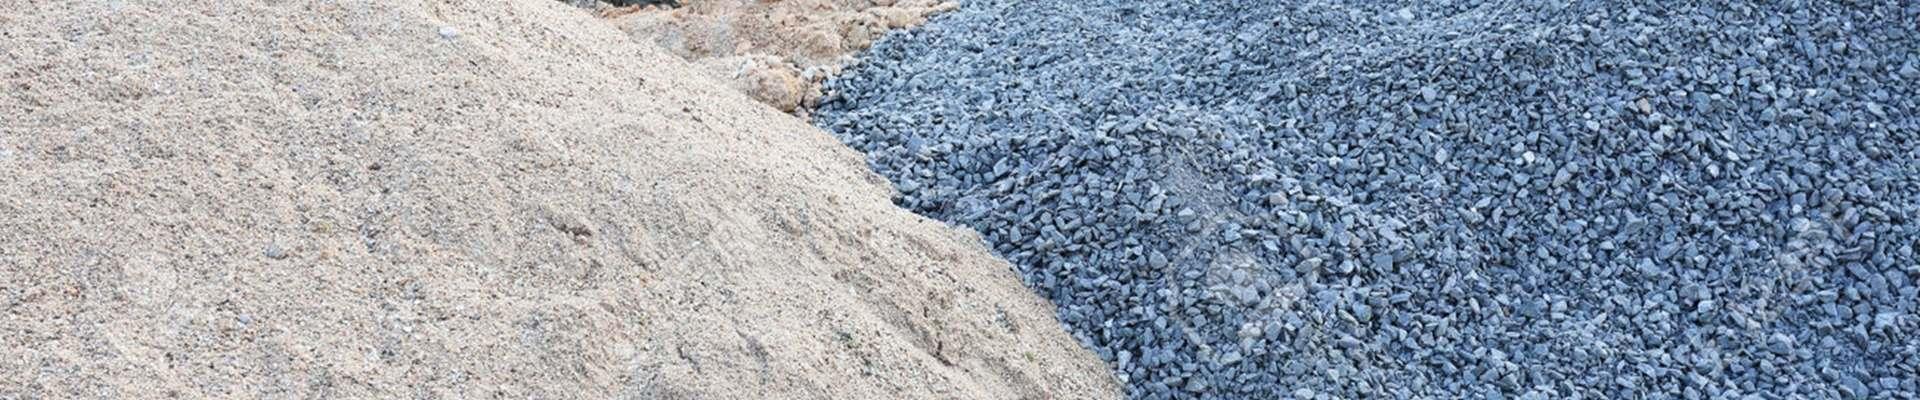 Materiales de construcci n en barcelona grau cerimat - Cano materiales de construccion sl ...